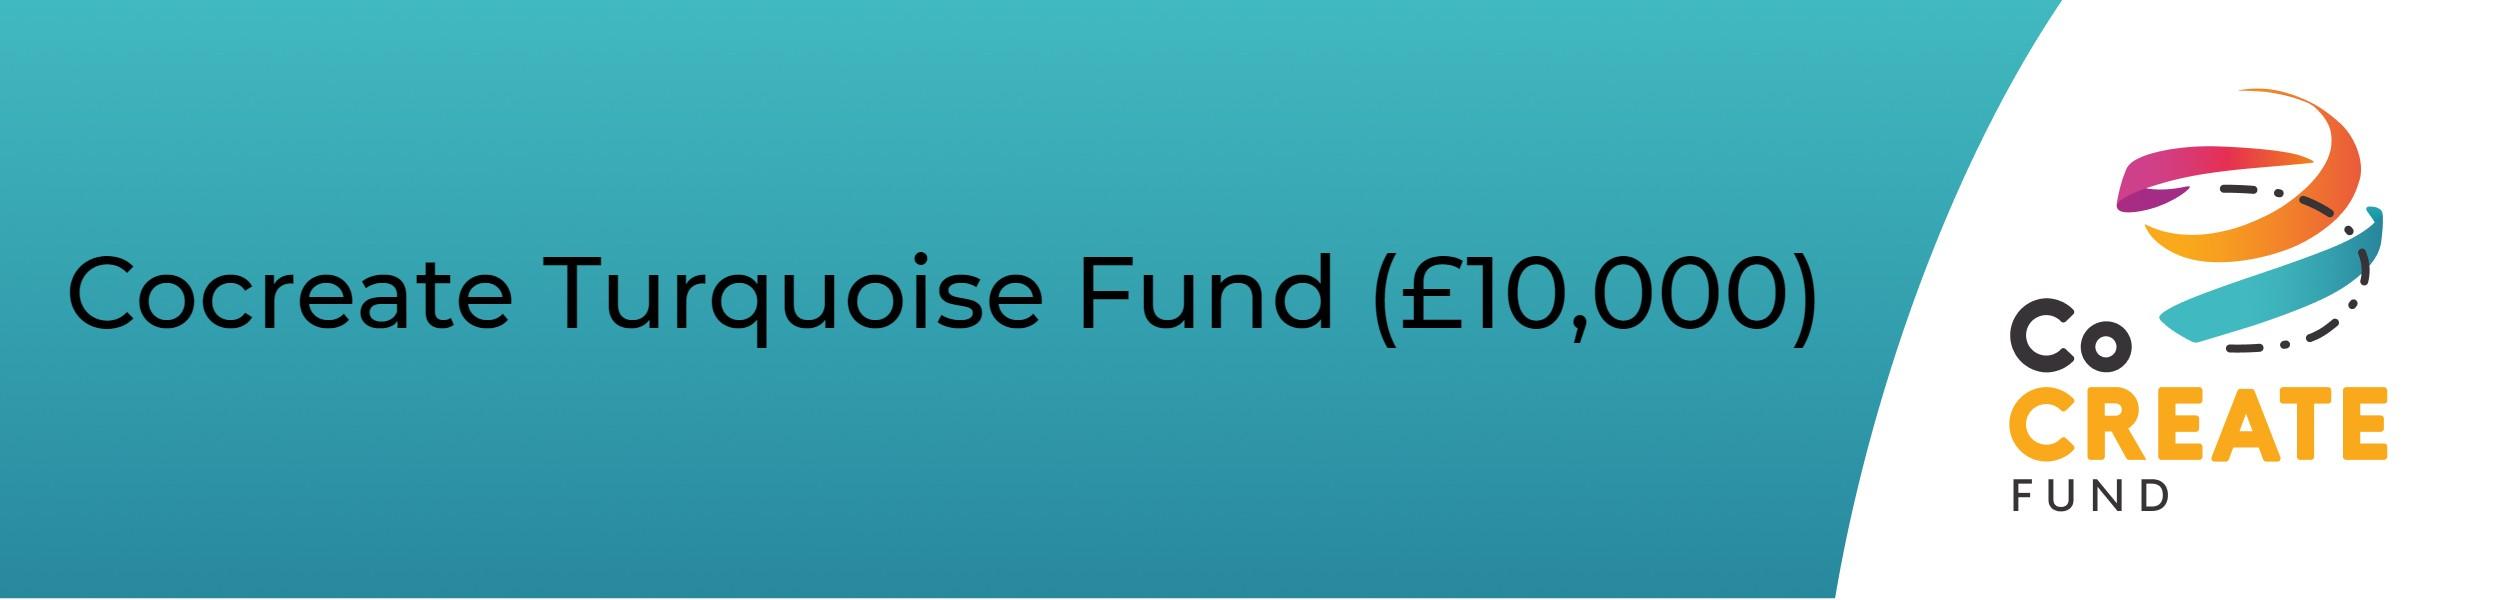 Cocreate Turquiose Fund (£10,000)